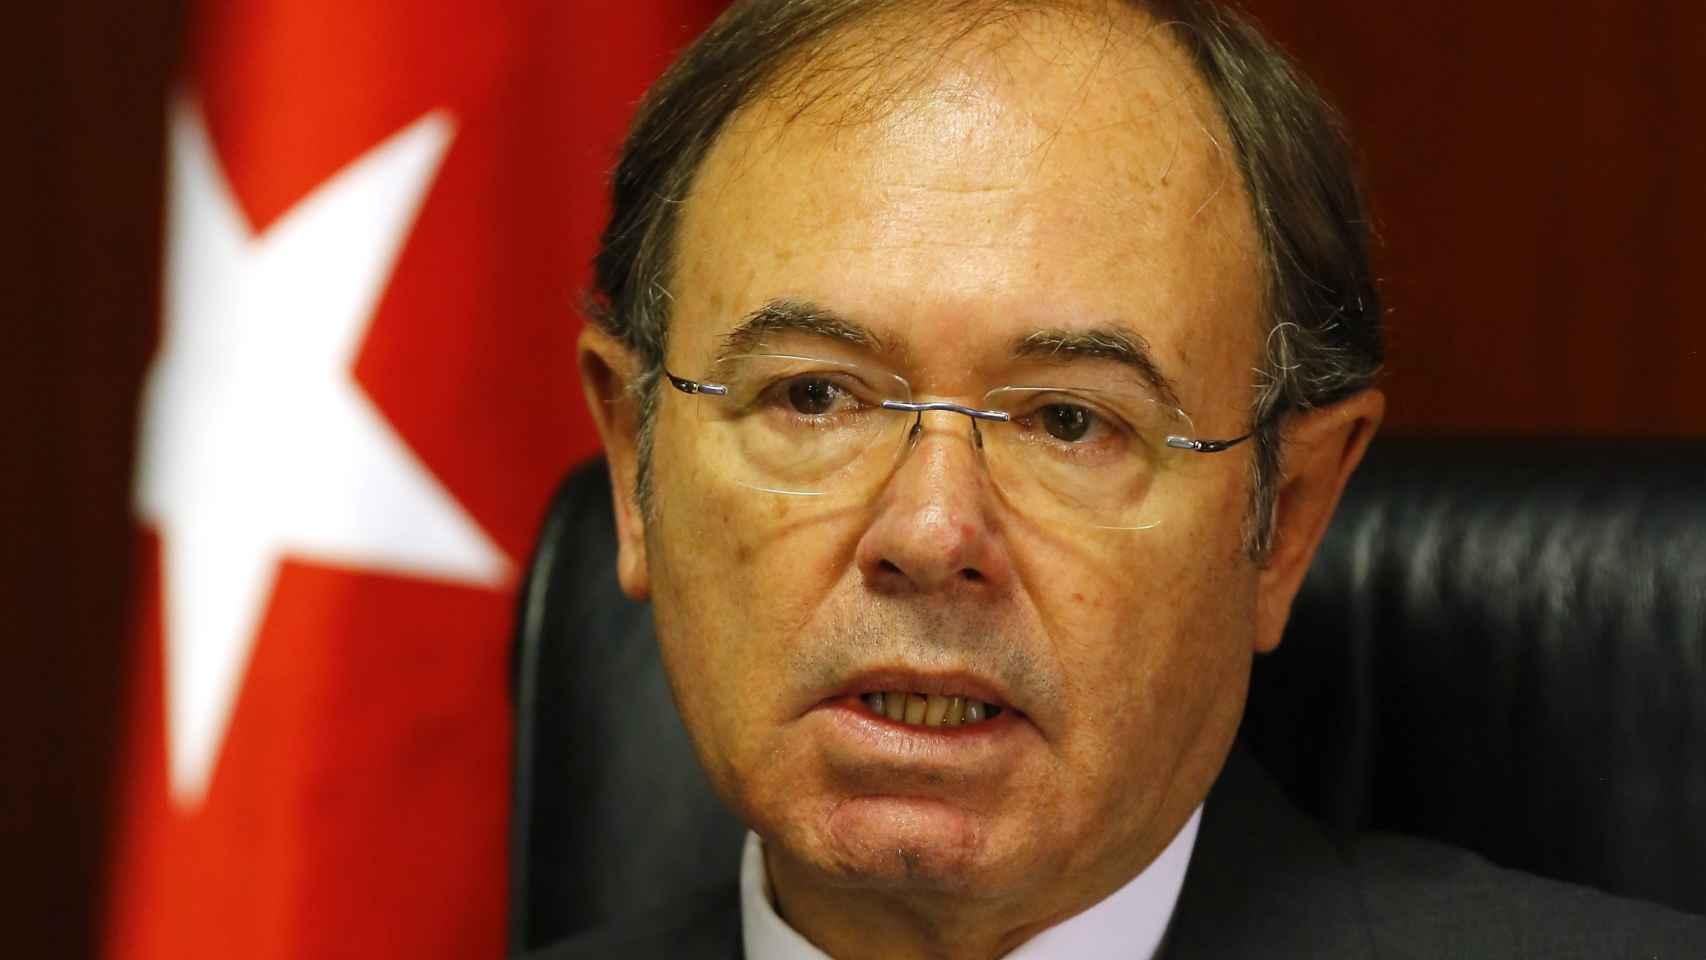 El actual presidente del Senado y expresidente de Fundescam, Pío García-Escudero.